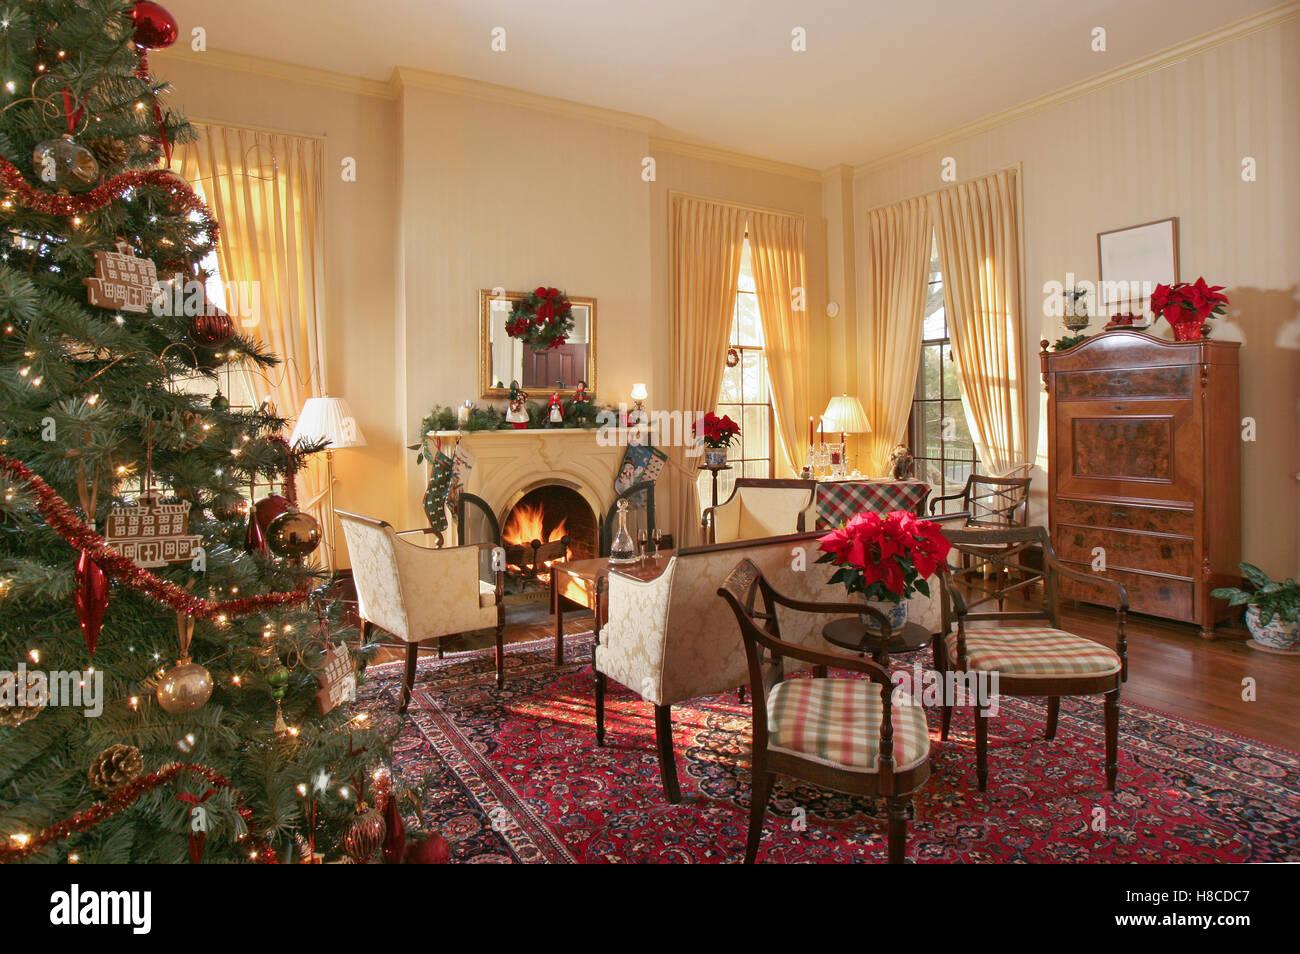 Sedie Decorate Per Natale : Sedie imbottite davanti al camino con acceso il fuoco in salotto